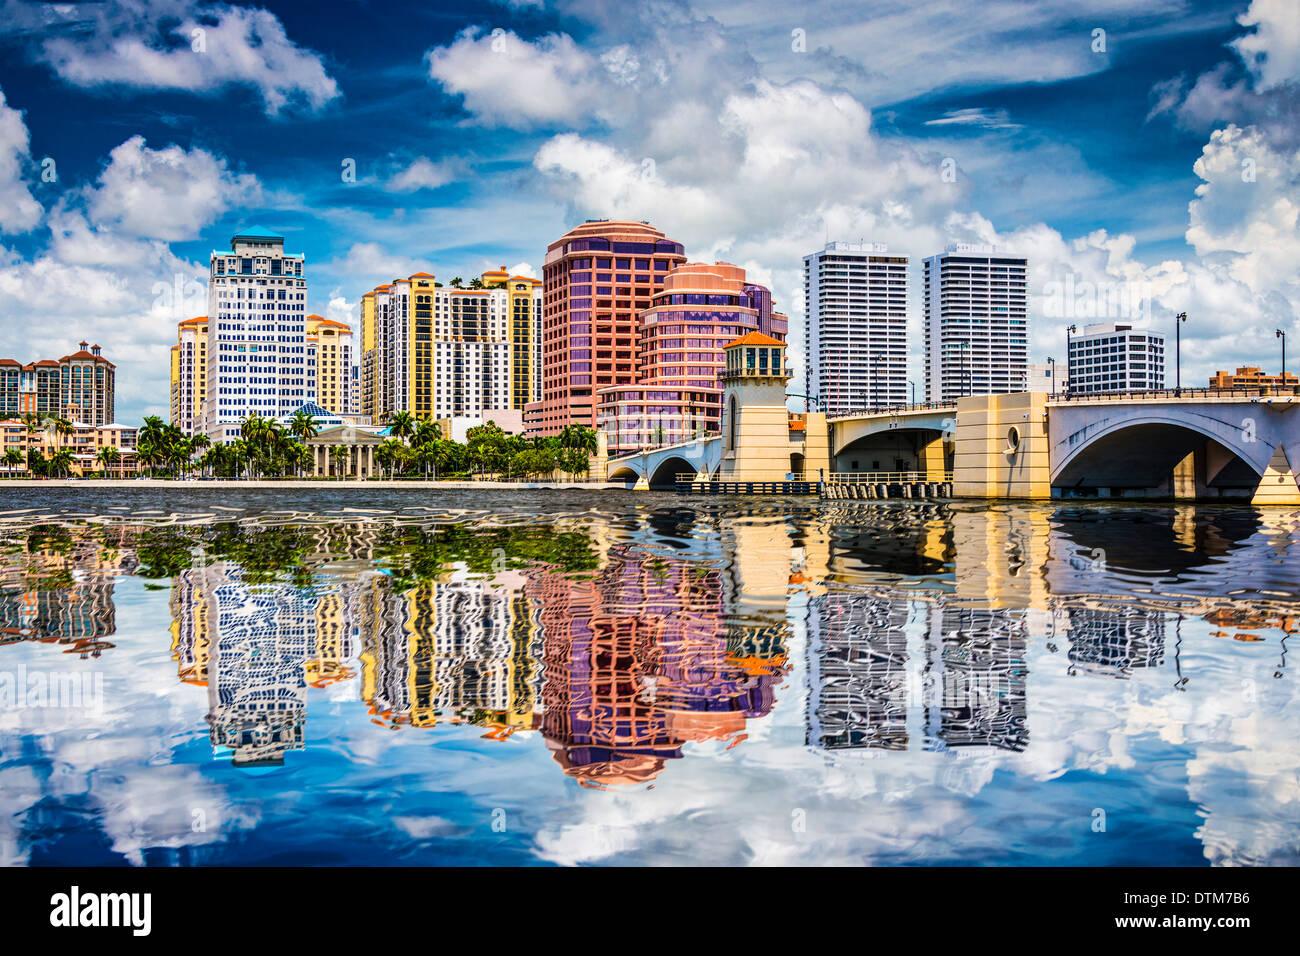 West Palm Beach, Florida, USA Innenstadt über den Intracoastal Waterway. Stockbild